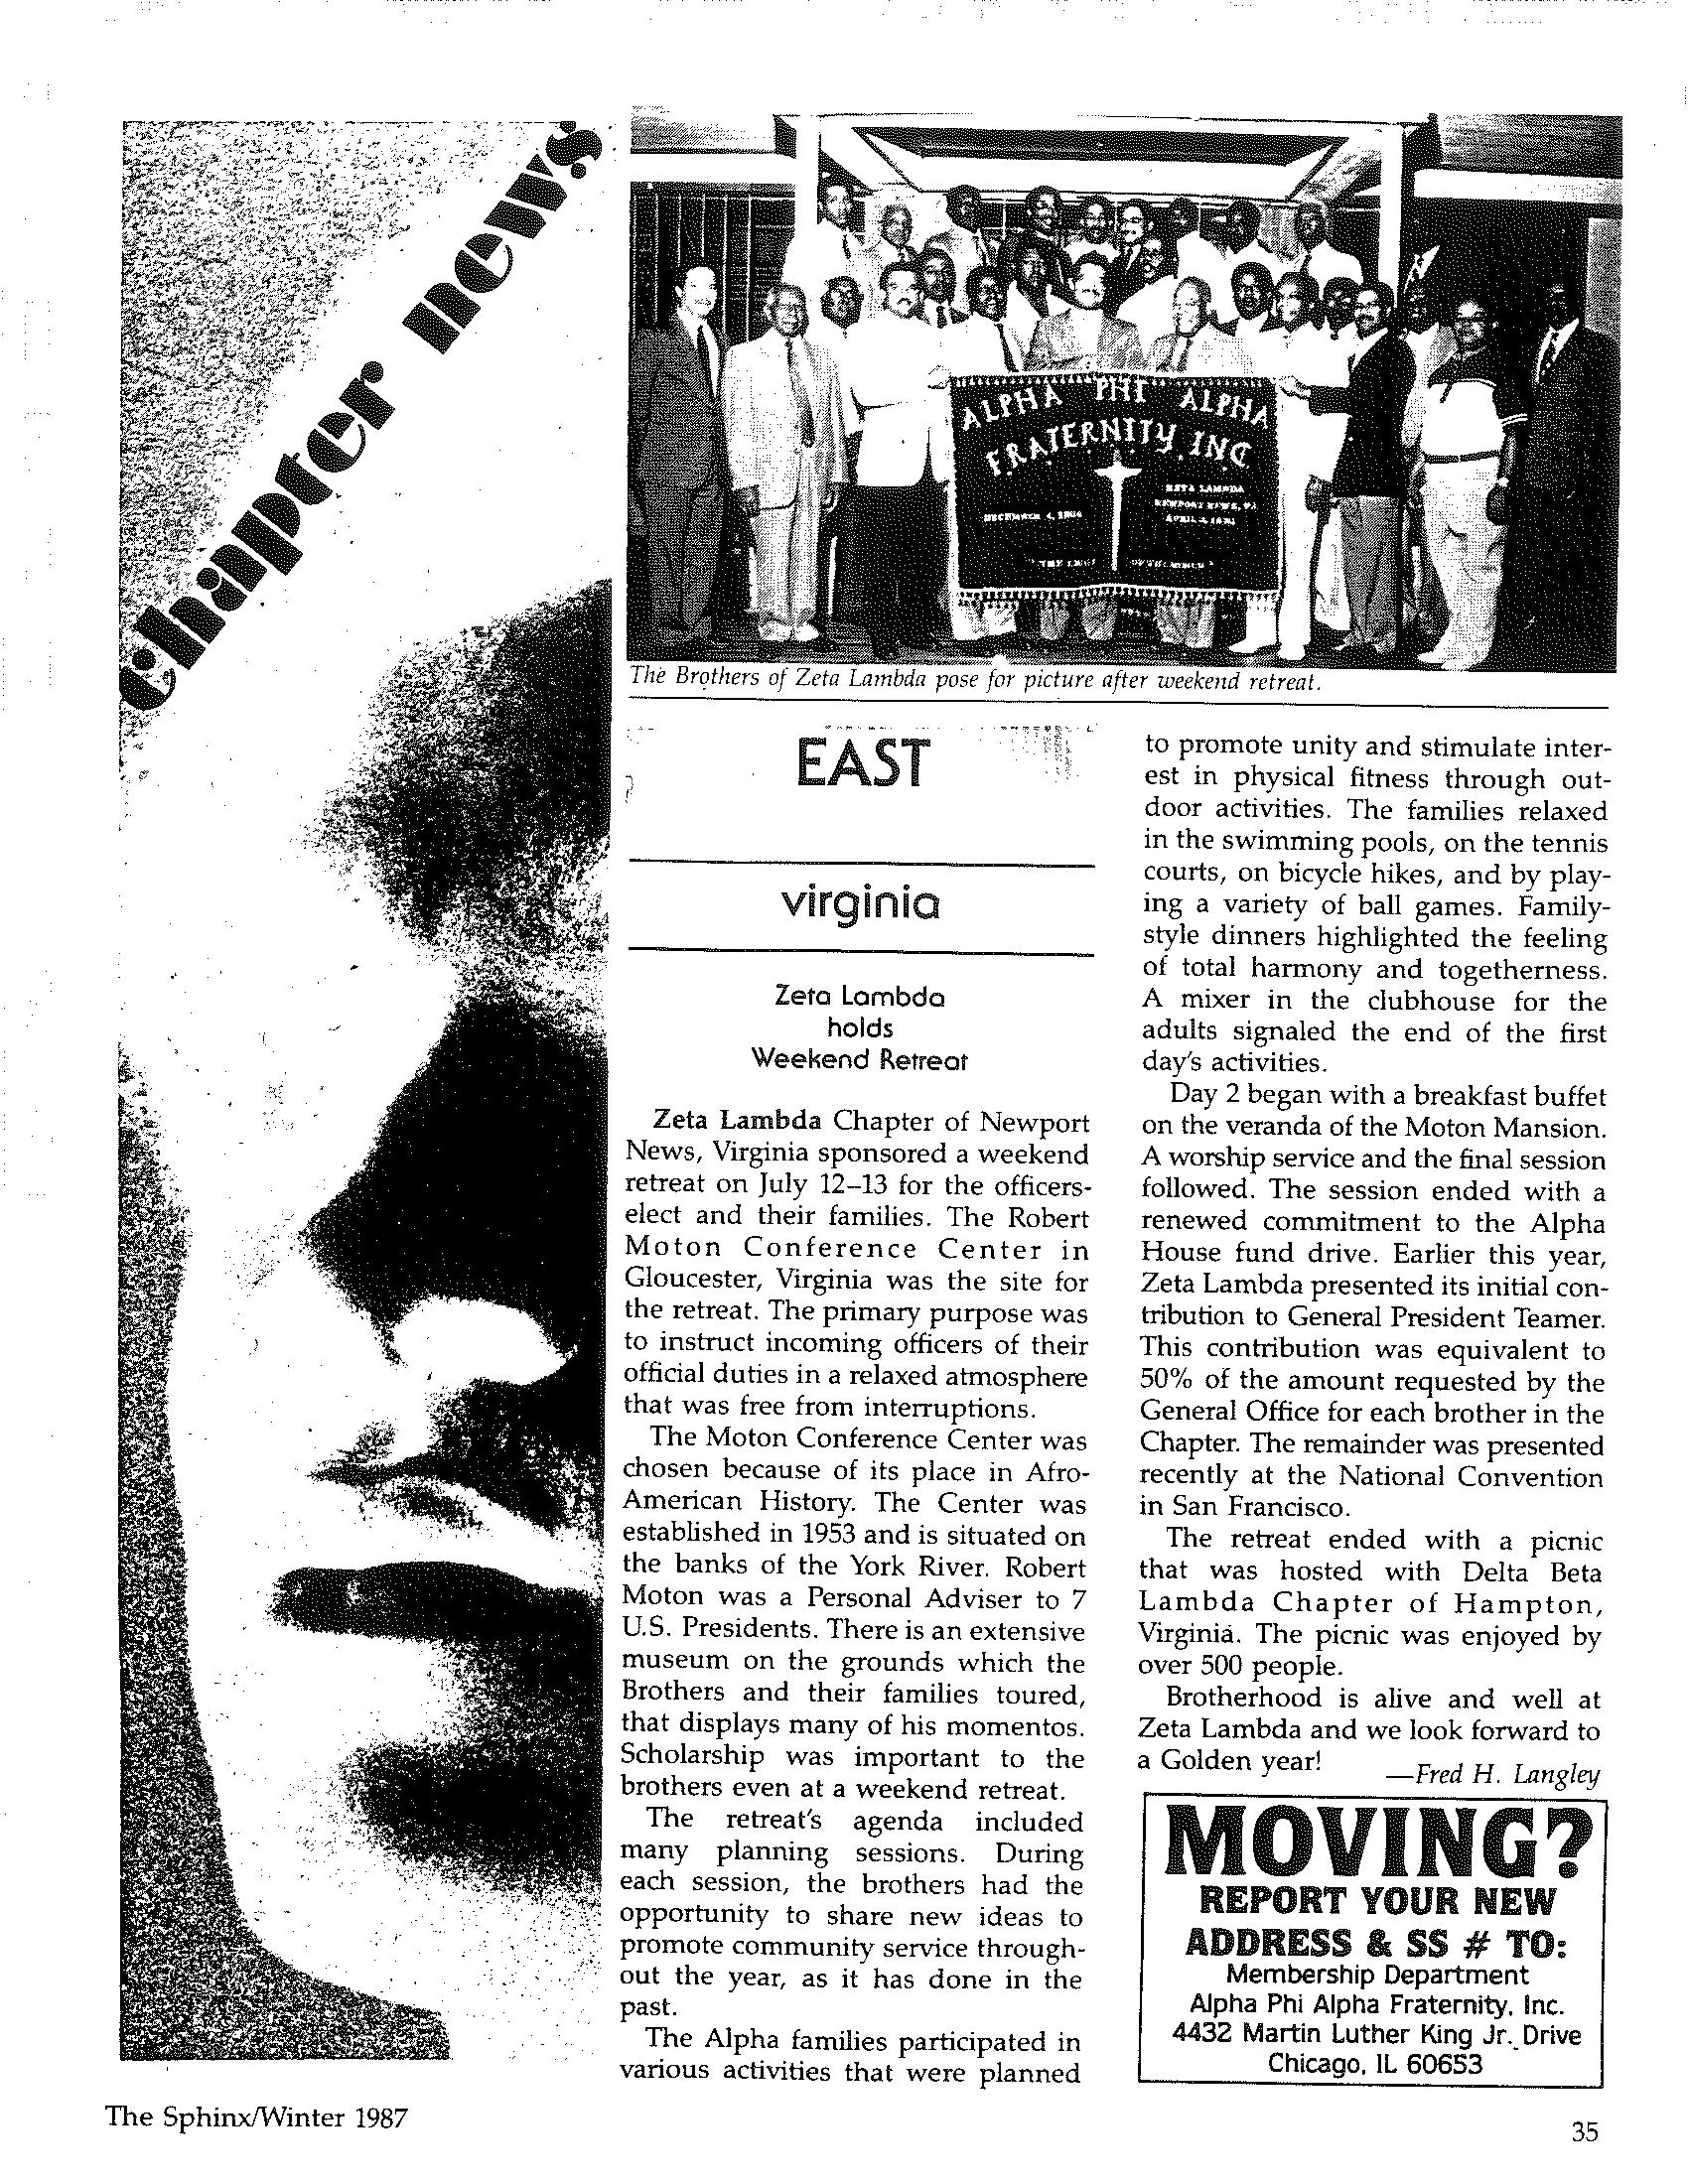 Zeta Lambda 1987 - The Sphinx 1.png